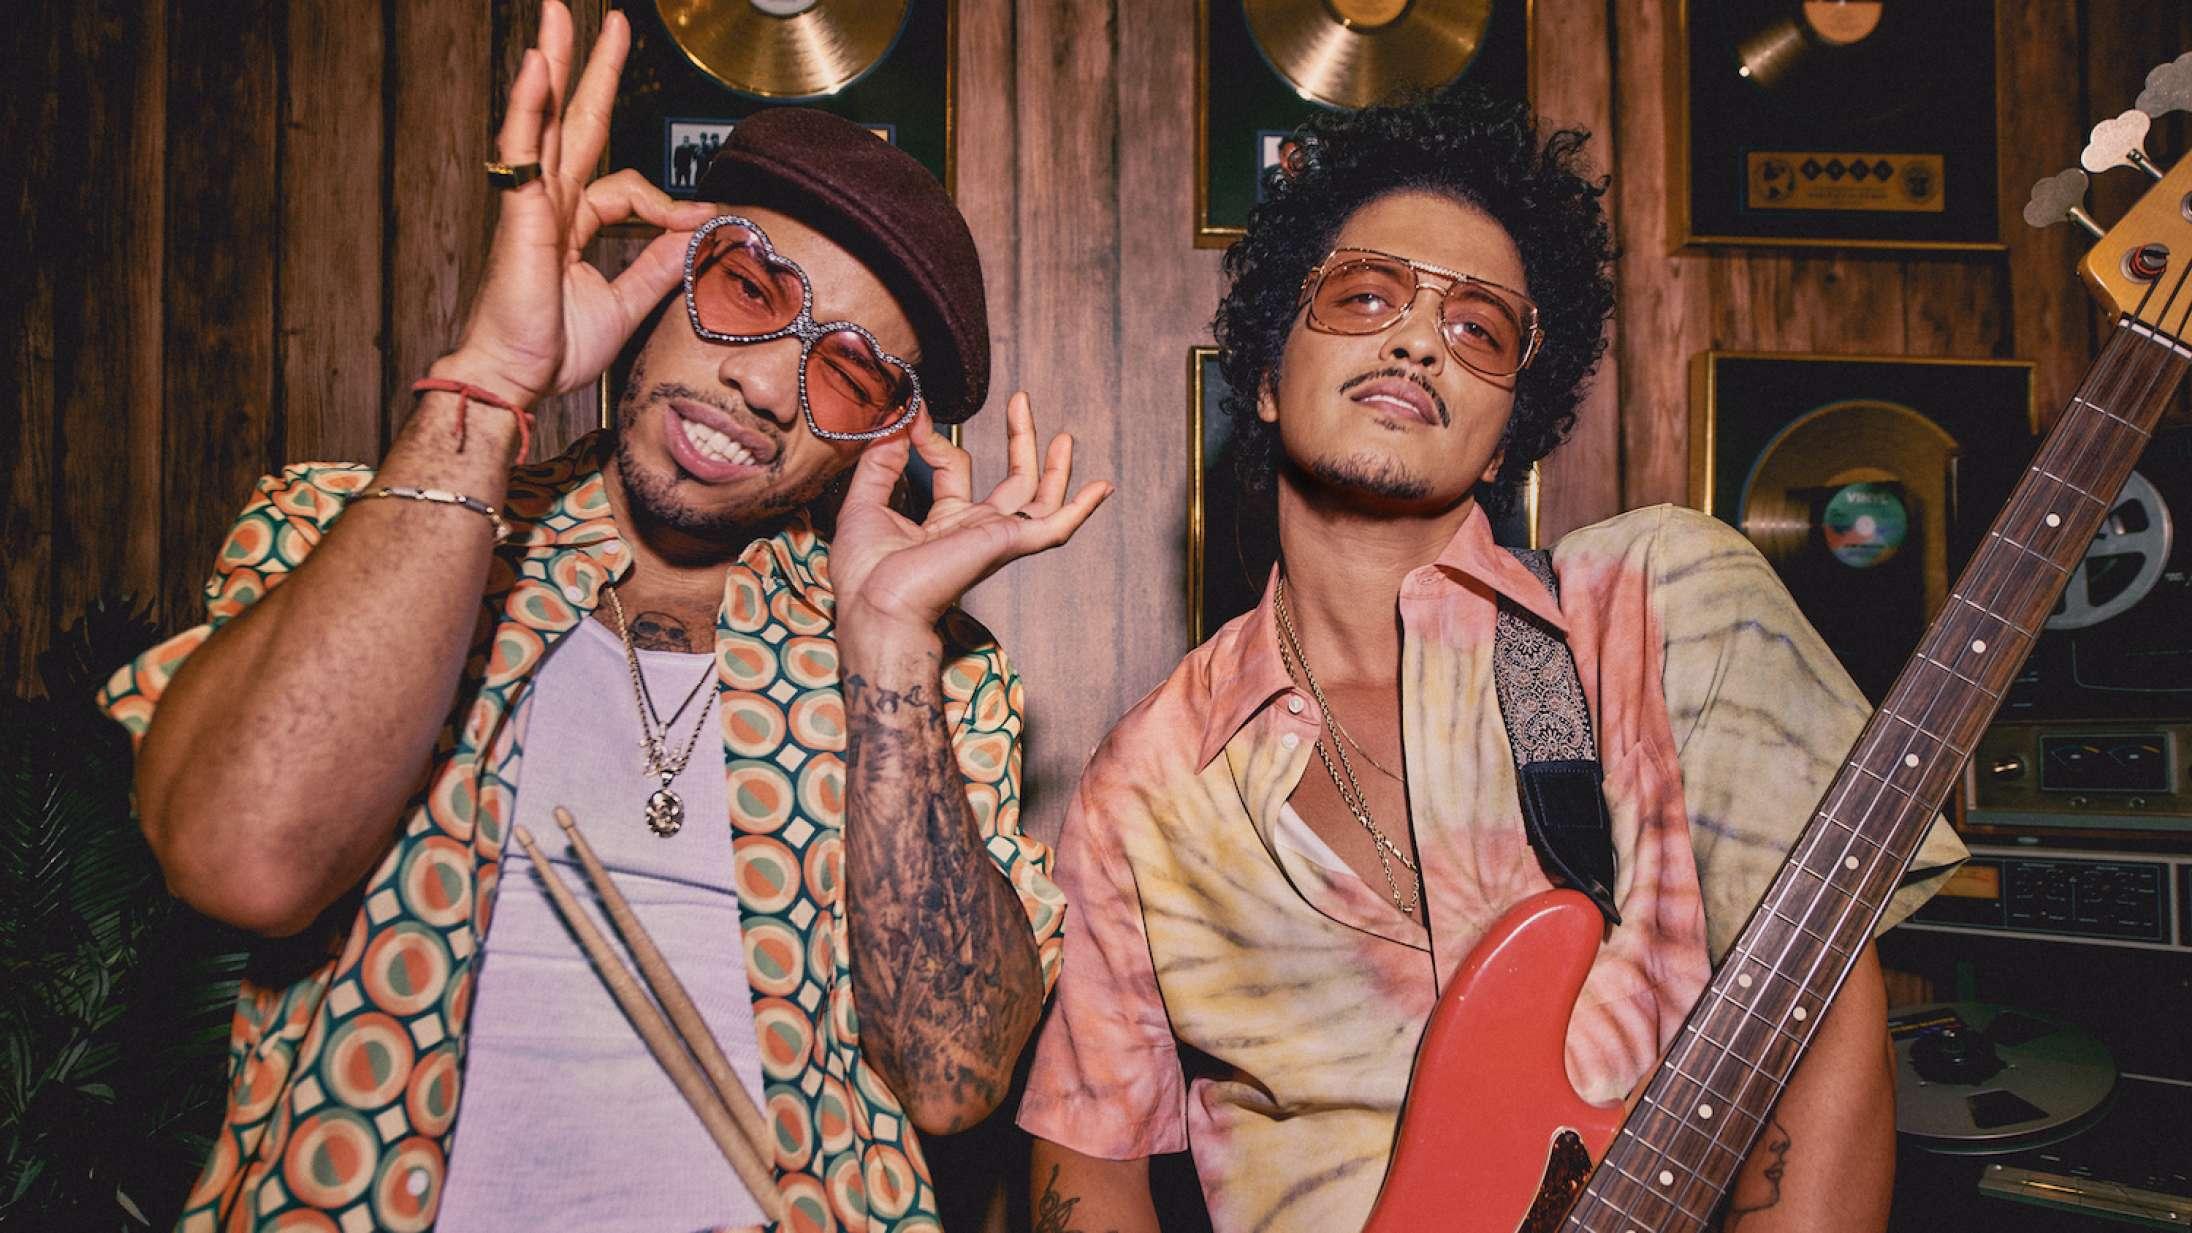 Anderson .Paak og Bruno Mars burde være et festfyrværkeri sammen – hvorfor føles deres fællessingle som en fuser?